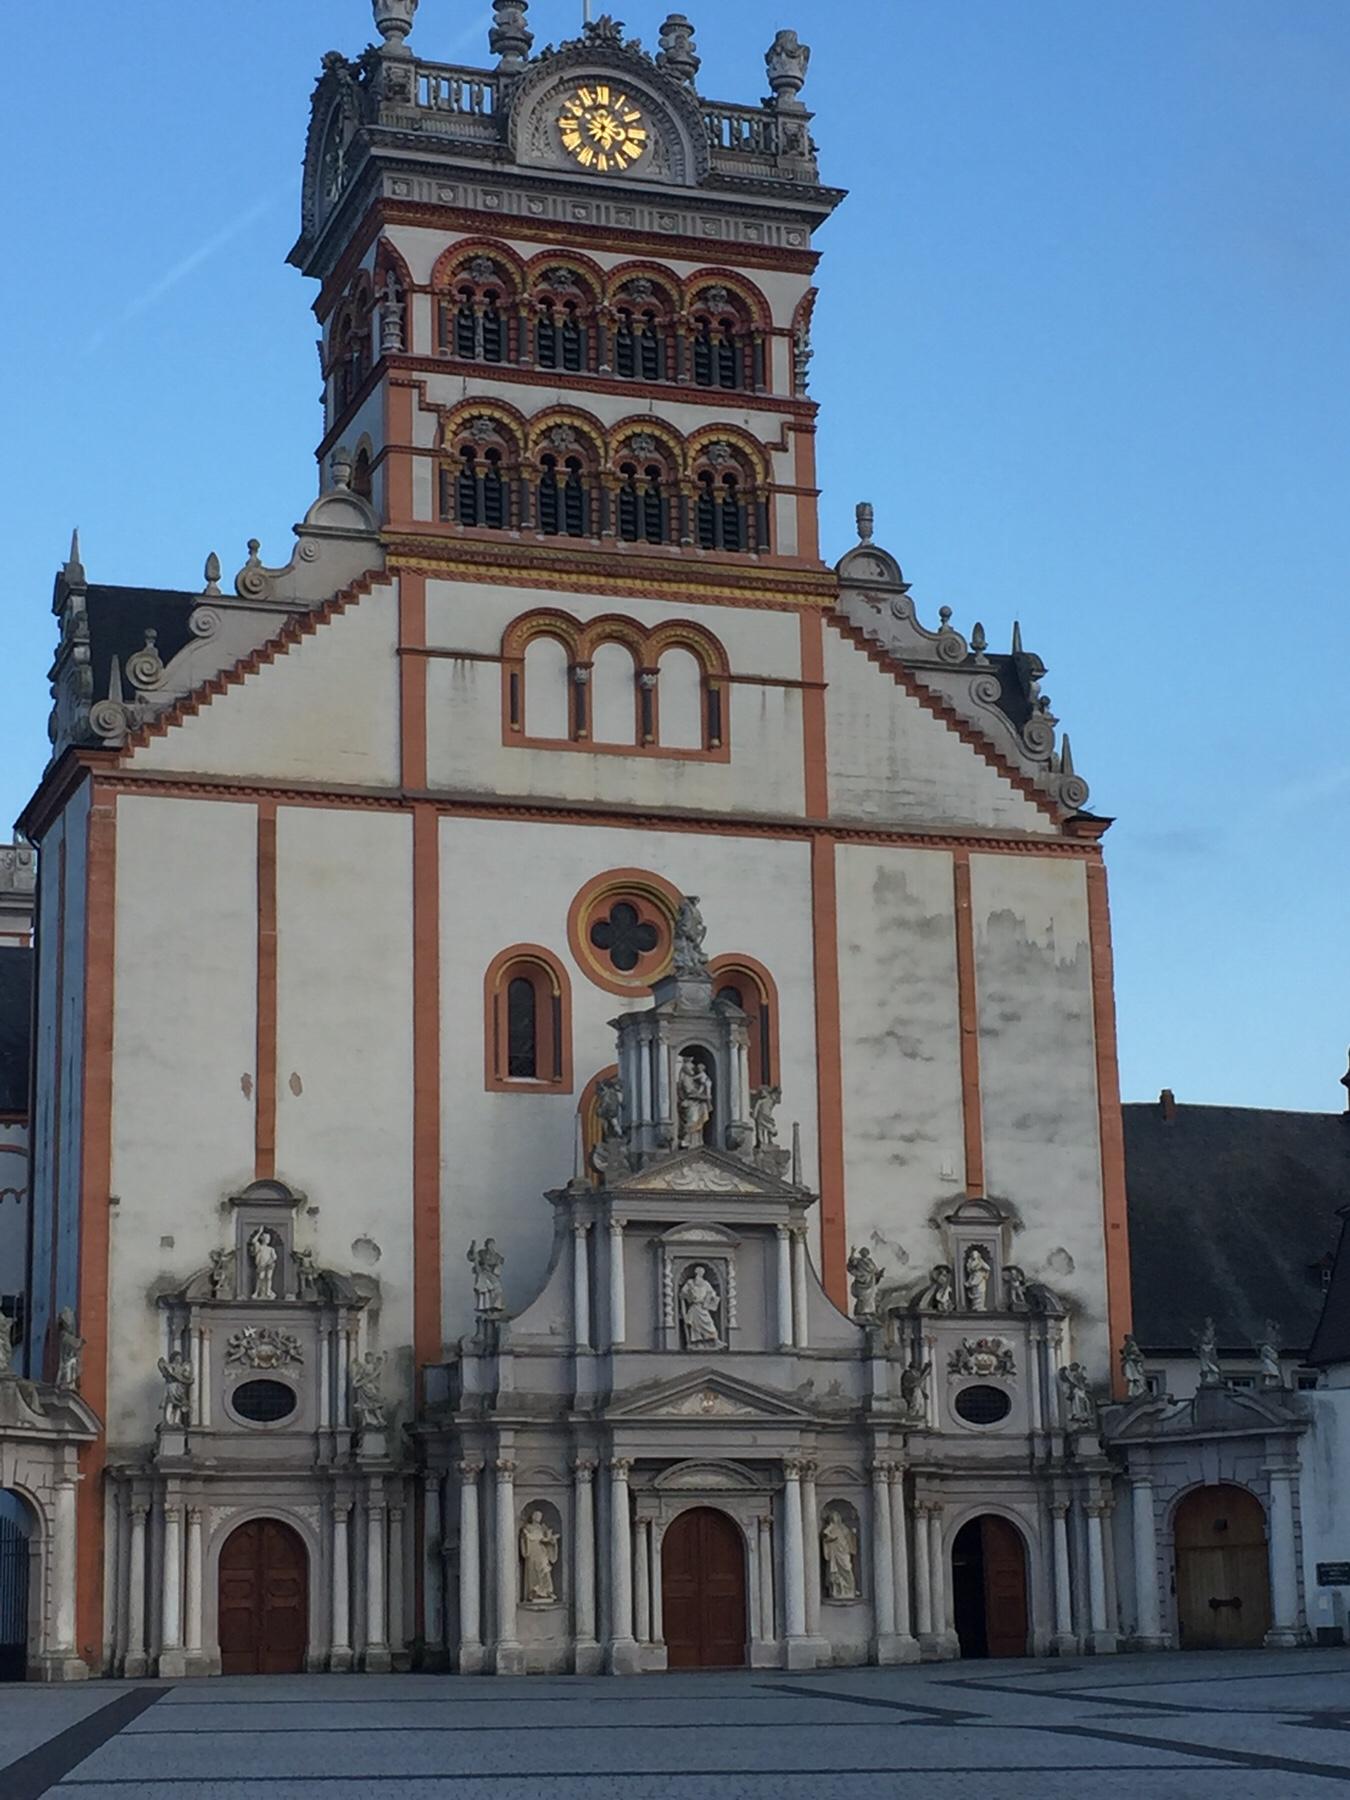 Der Endpunkt des Mosel-Caminos: Die Abtei St. Matthias in Trier